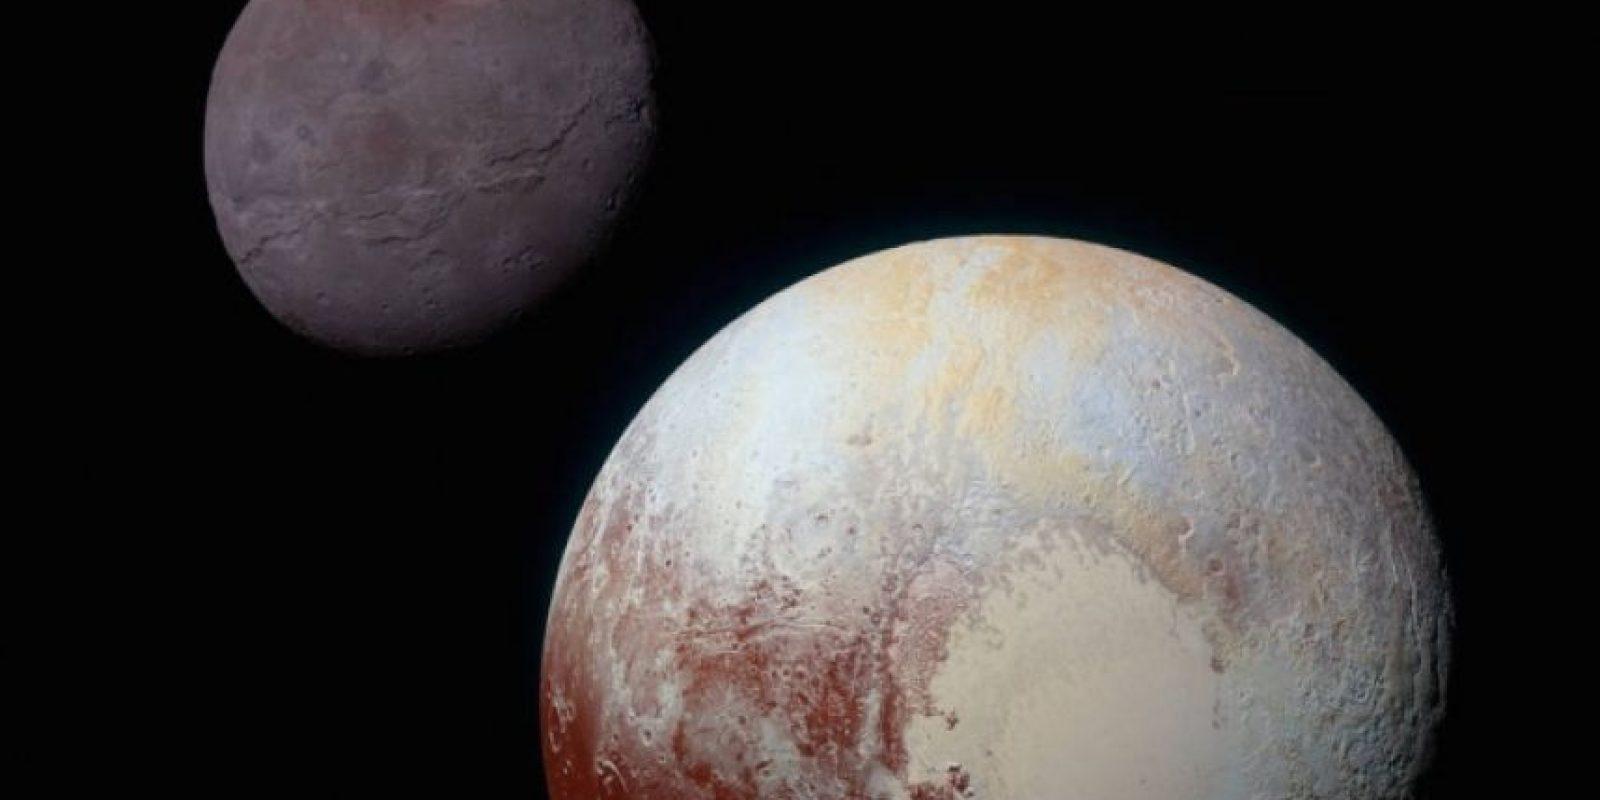 La NASA analiza al planeta enano y su satélite natural. Foto:Vía nasa.gov